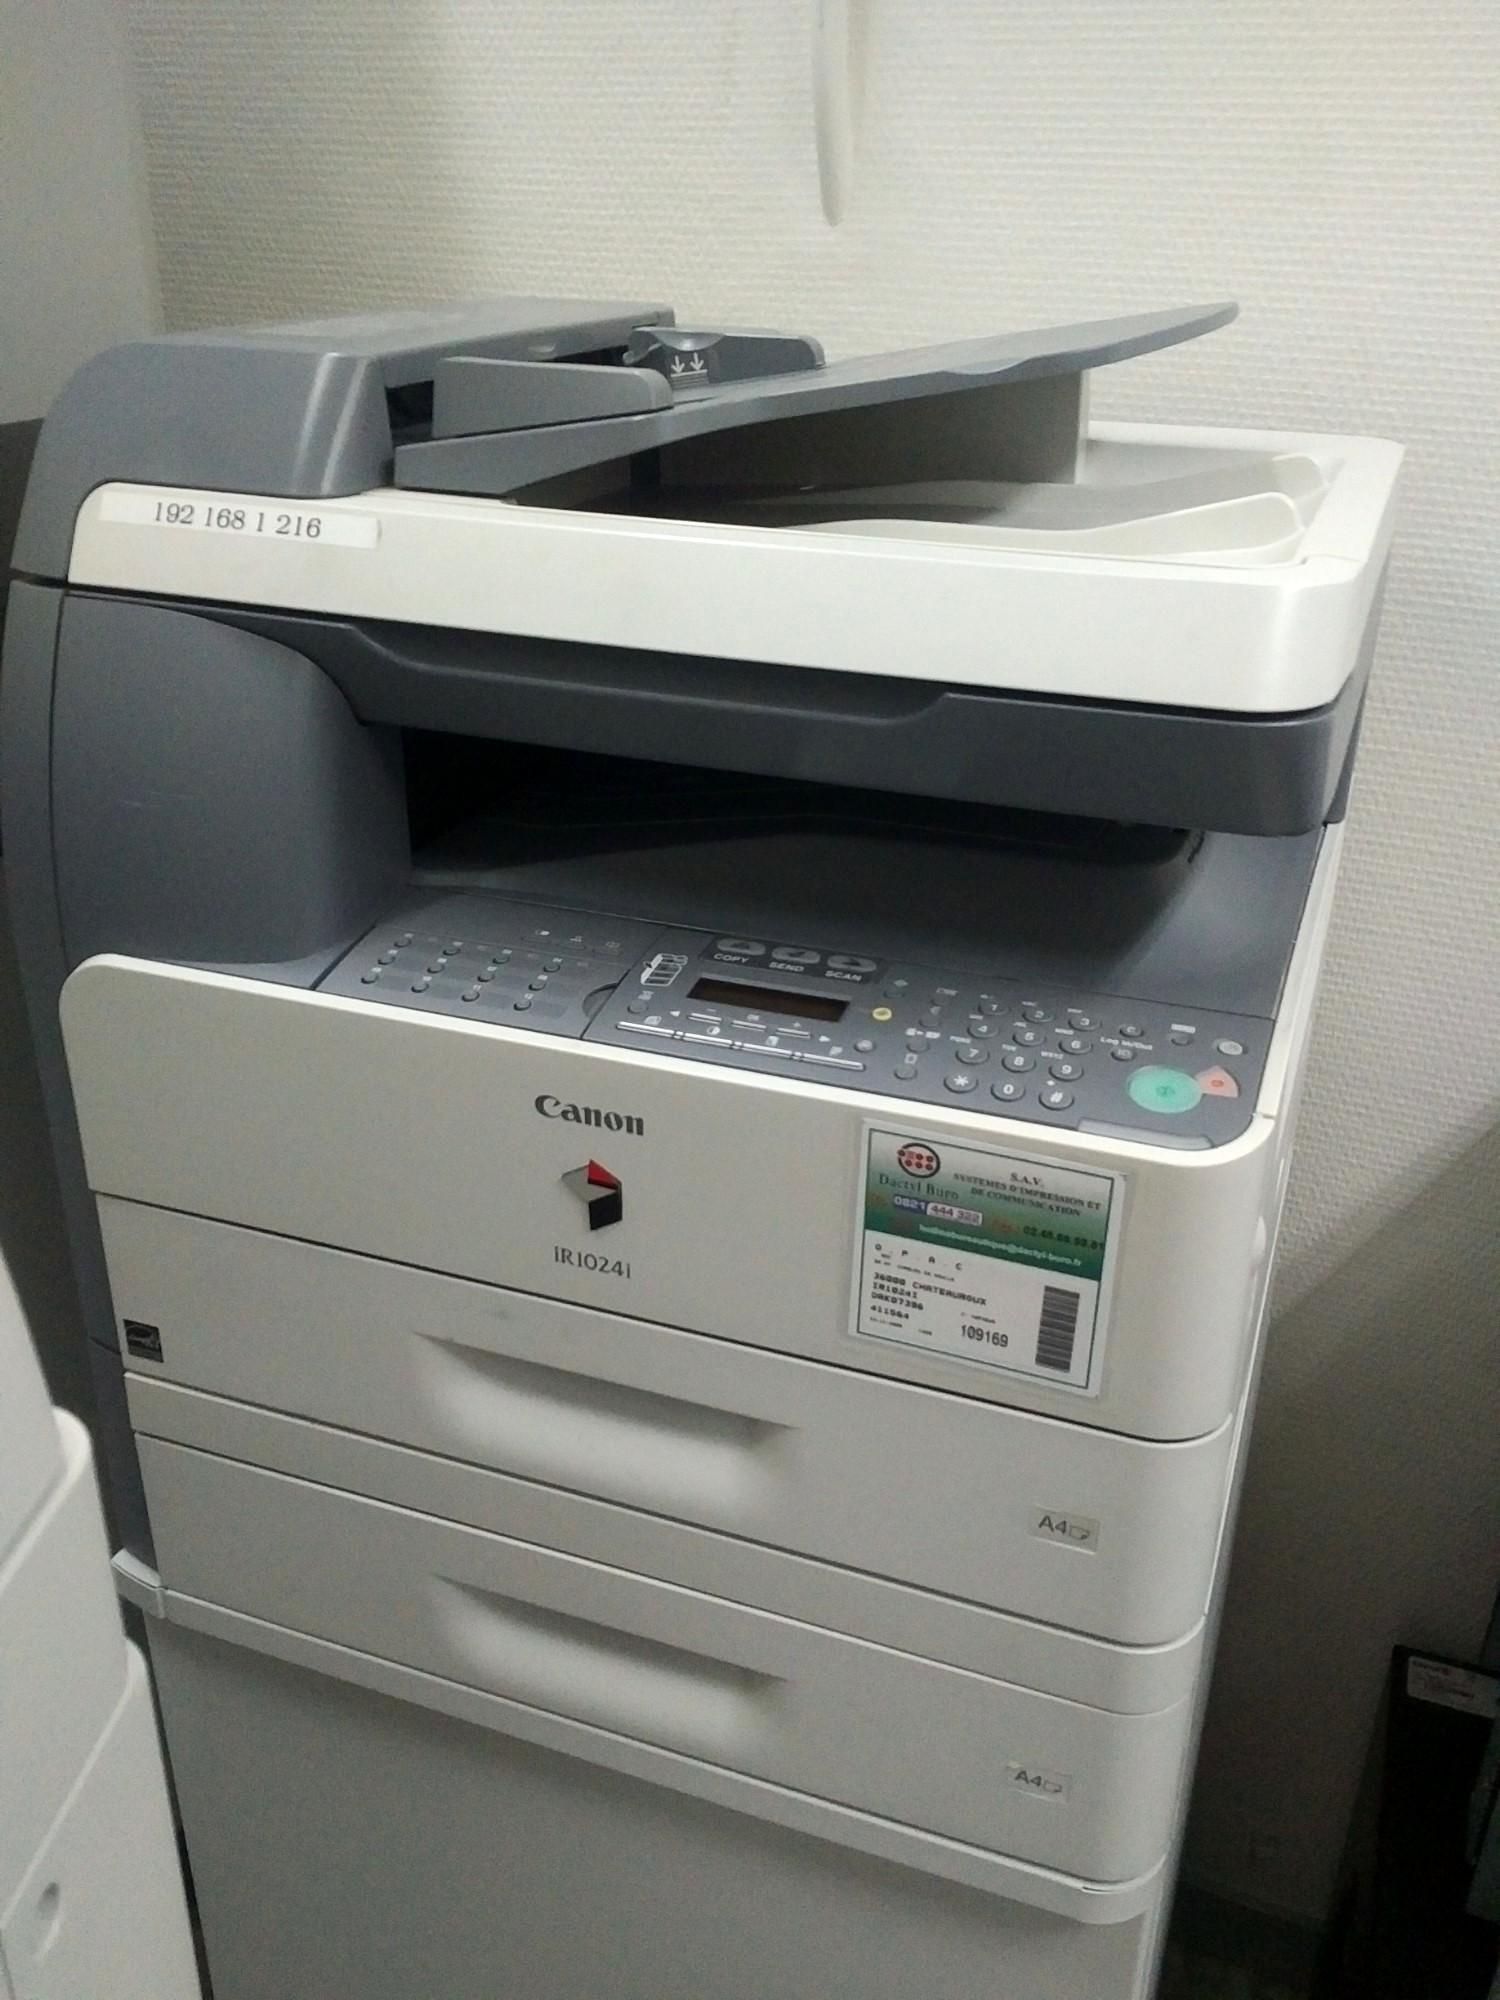 photocopieur canon ir1024i noir et blanc laser avec meuble roulette copieur imprimante d. Black Bedroom Furniture Sets. Home Design Ideas